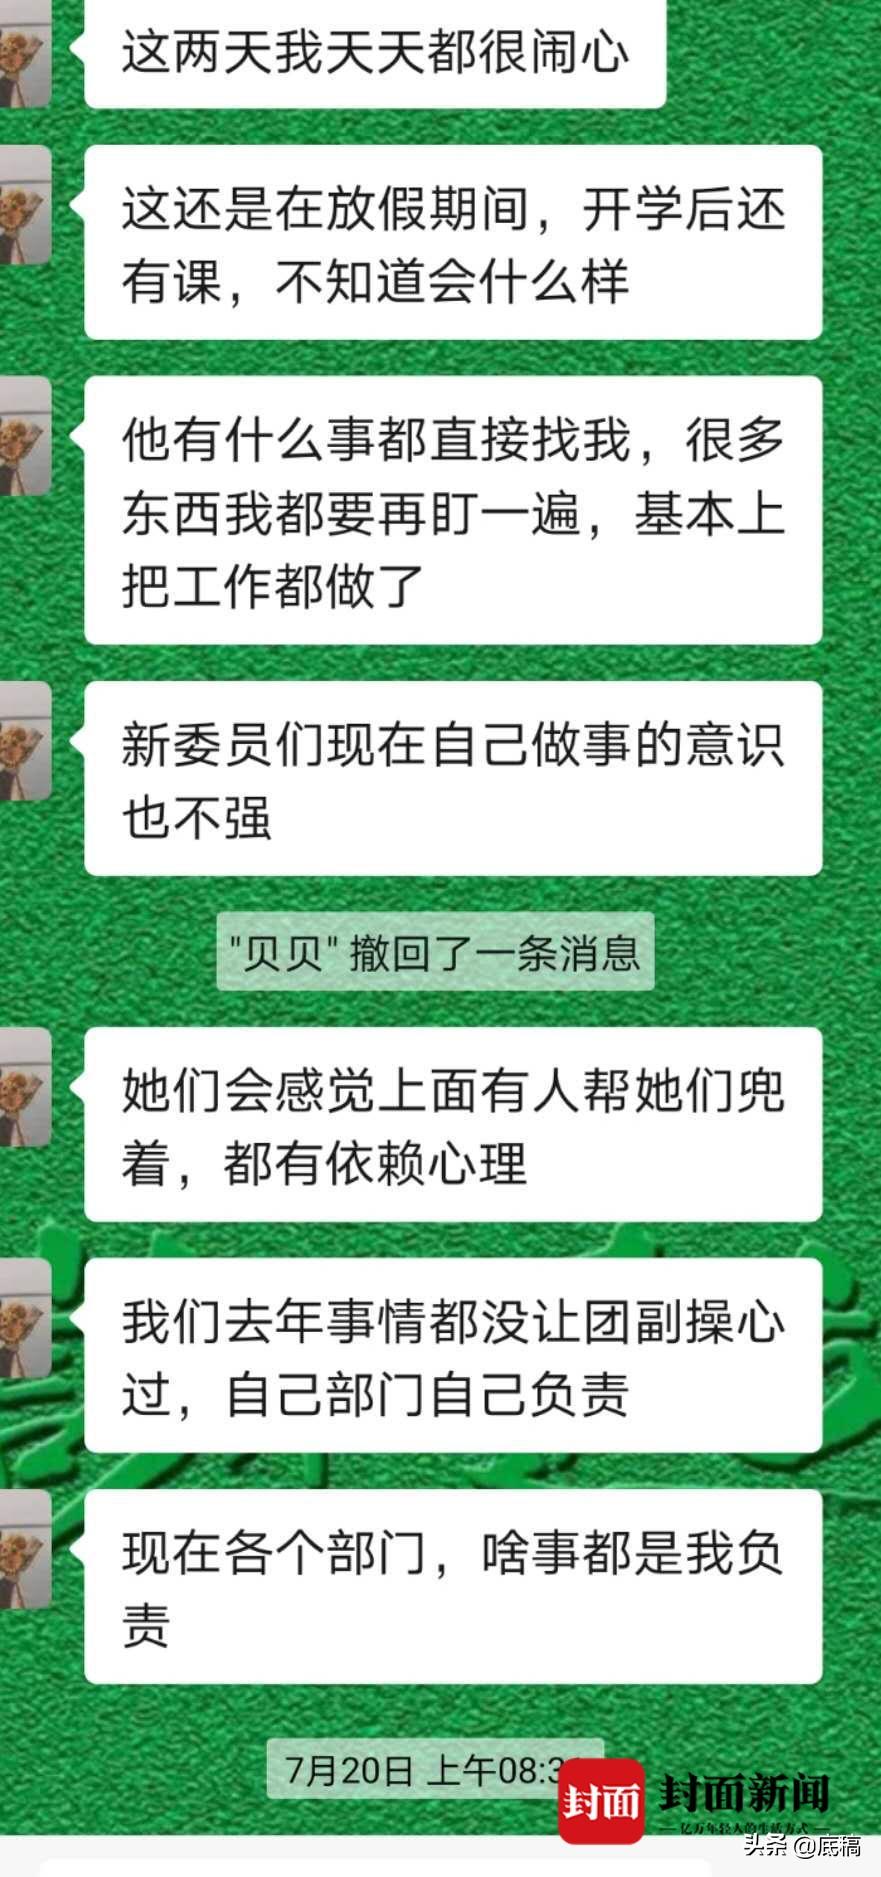 湖南师大女生校内自杀 家属:生前在学院团委时常忙到凌晨 多次辞职遭拒绝